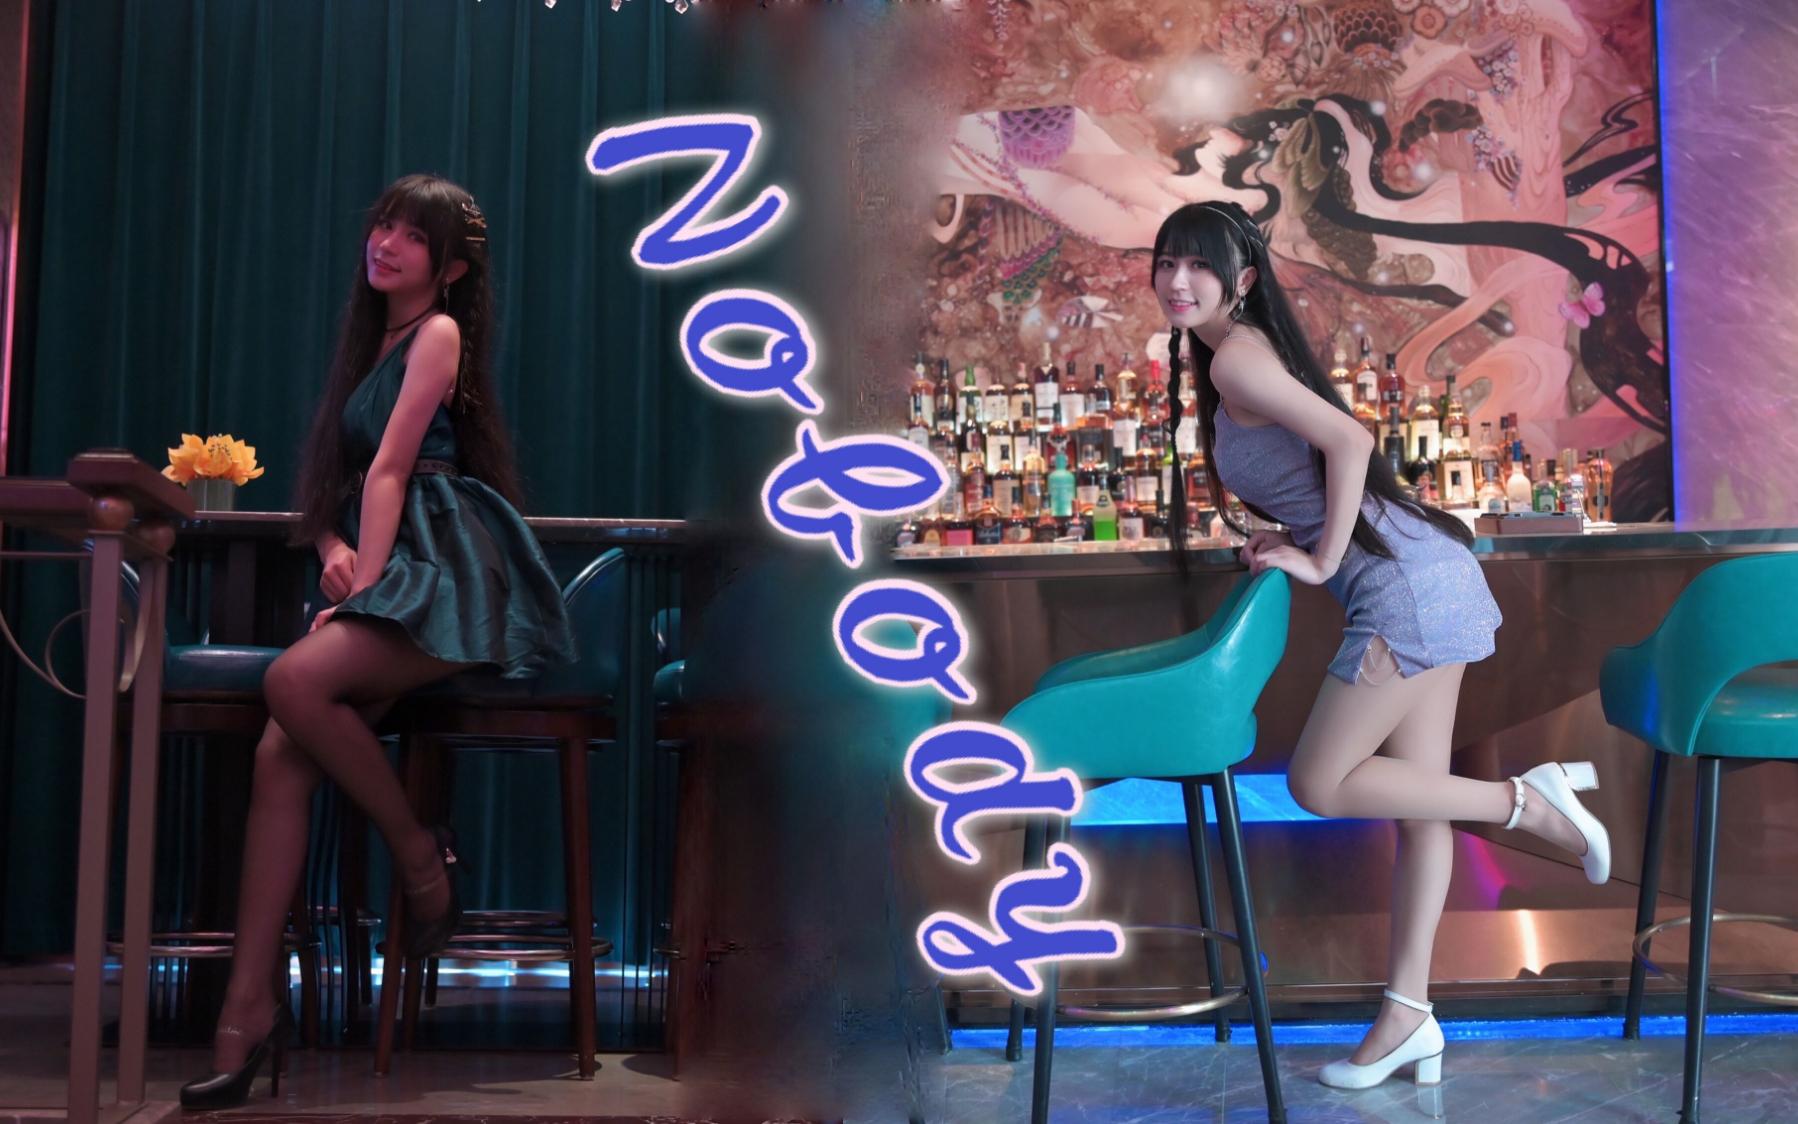 【楚鸢】复古蹦迪 Wonder Girls-Nobody  我只要你!不喜欢肉肉的女生嘛?